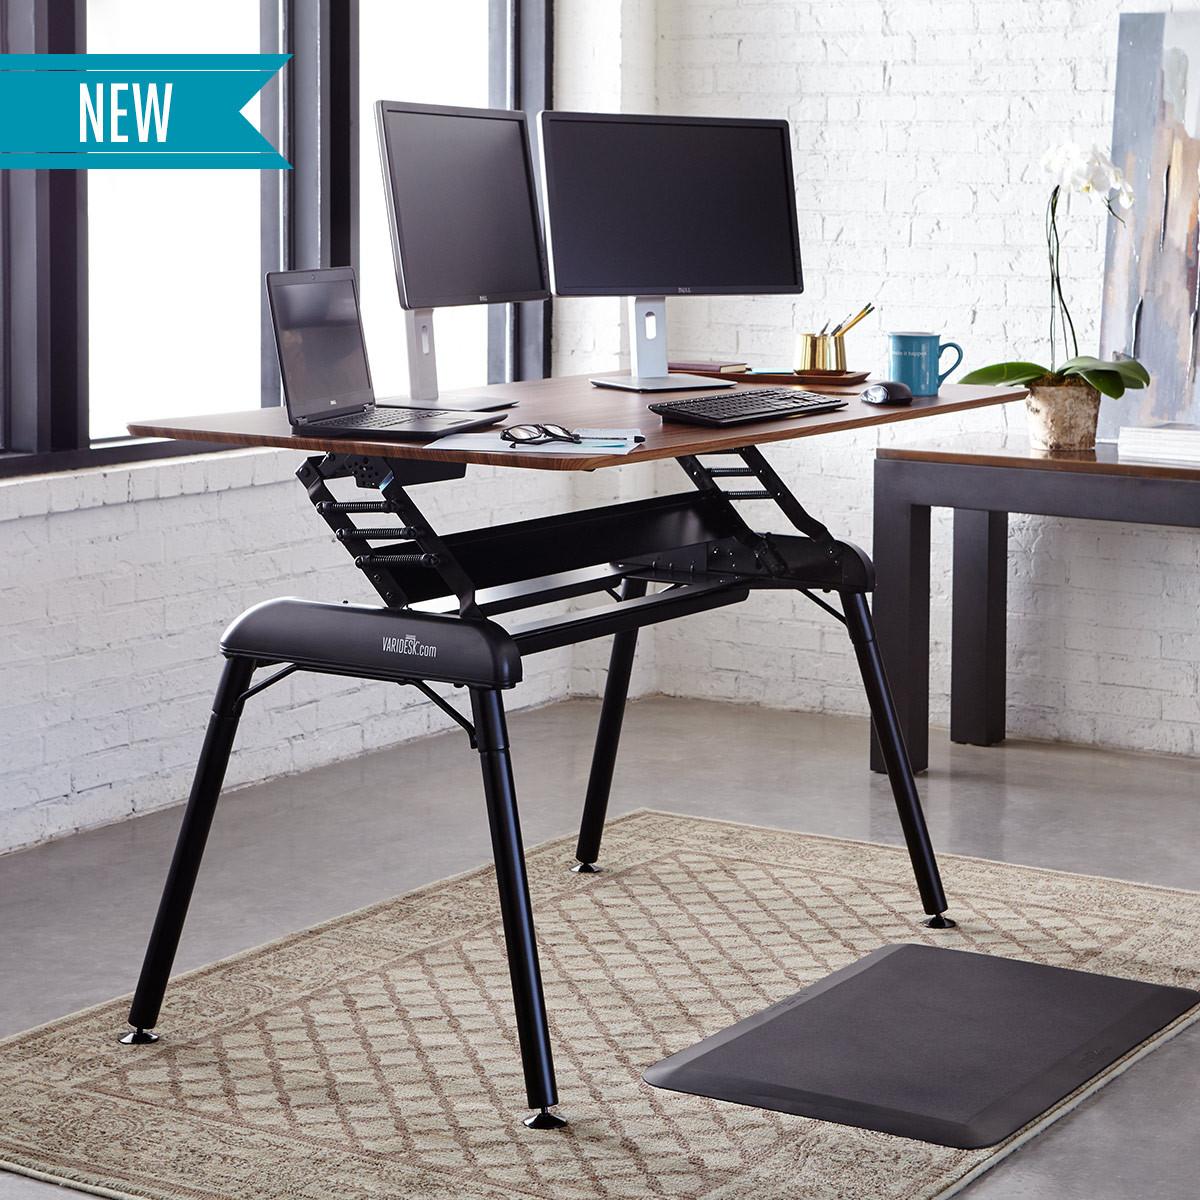 Pro Desk 60 Darkwood Adjustable Standing Desks Varidesk 174